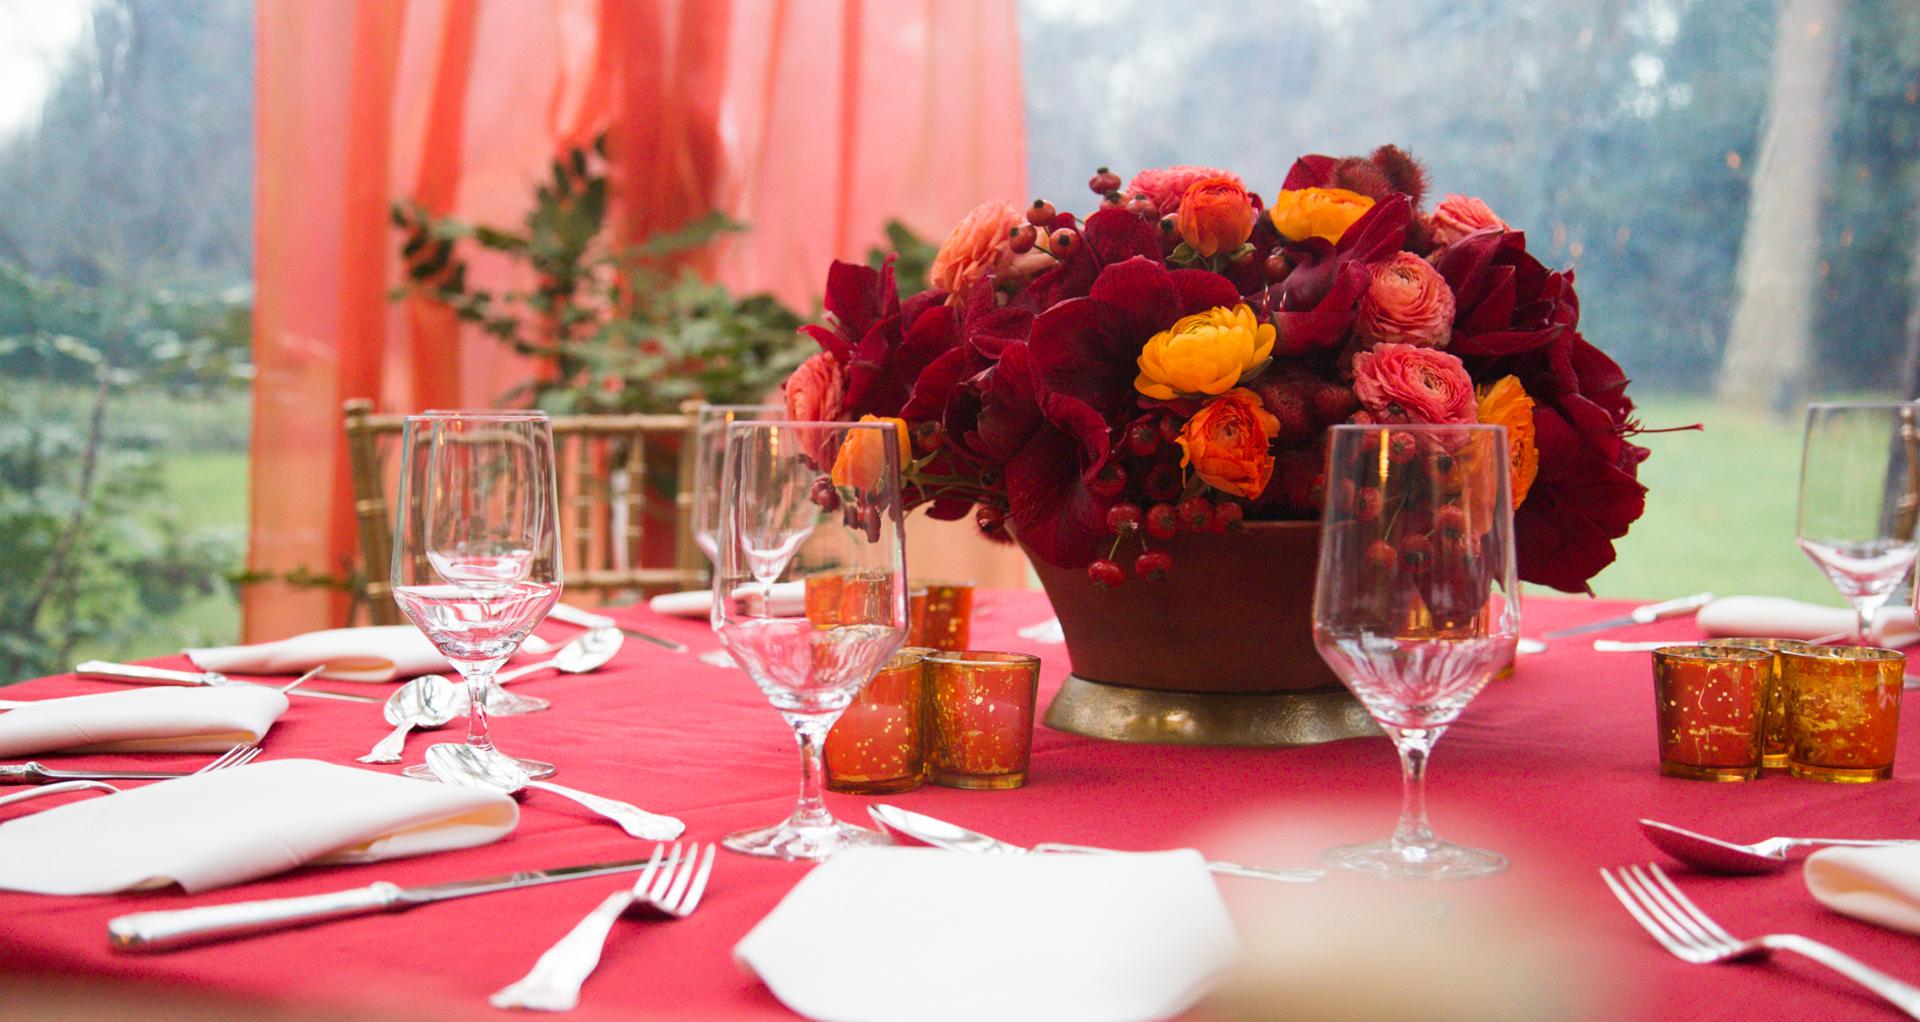 Envíos en el día en Columbiana, OH, 44408 por tu florista de FTD Lemon Tree Flowers & Things 330-482-4244